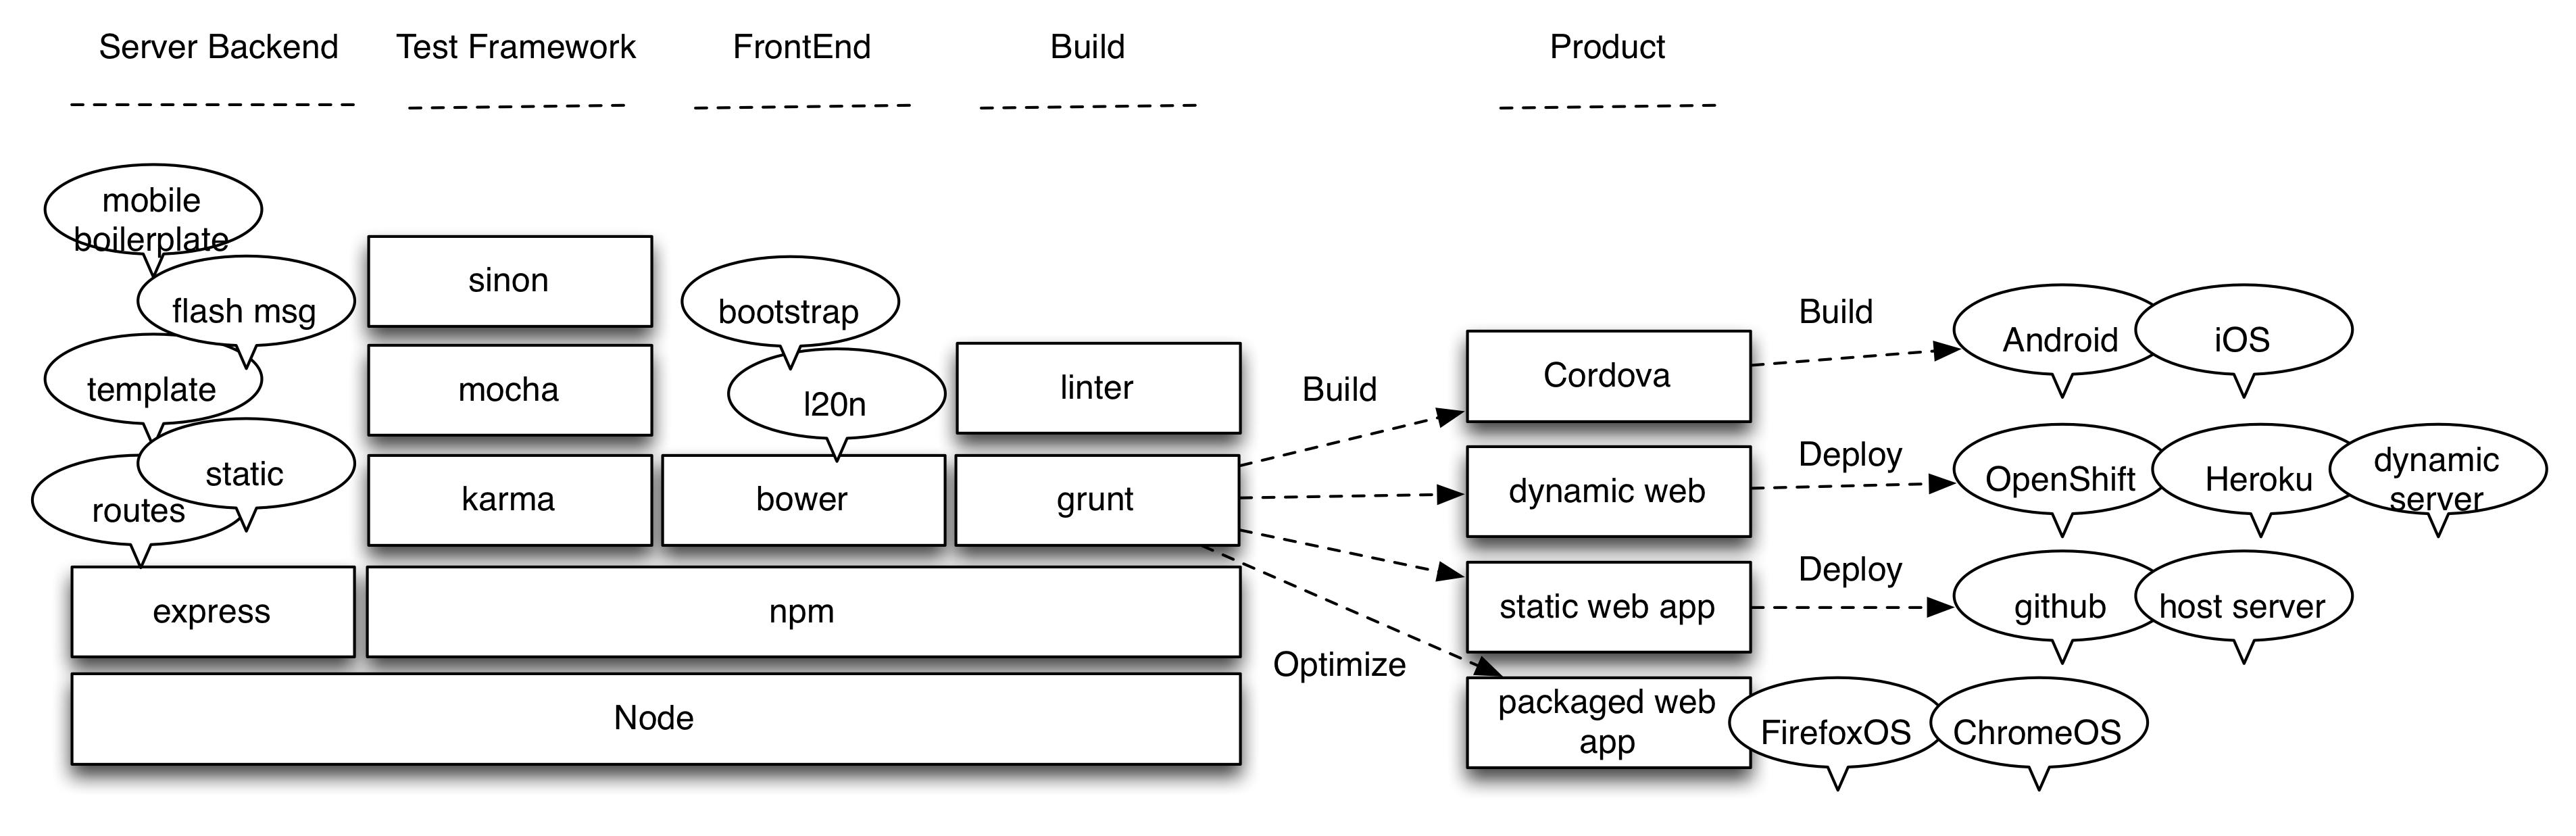 Webapplate Functionality